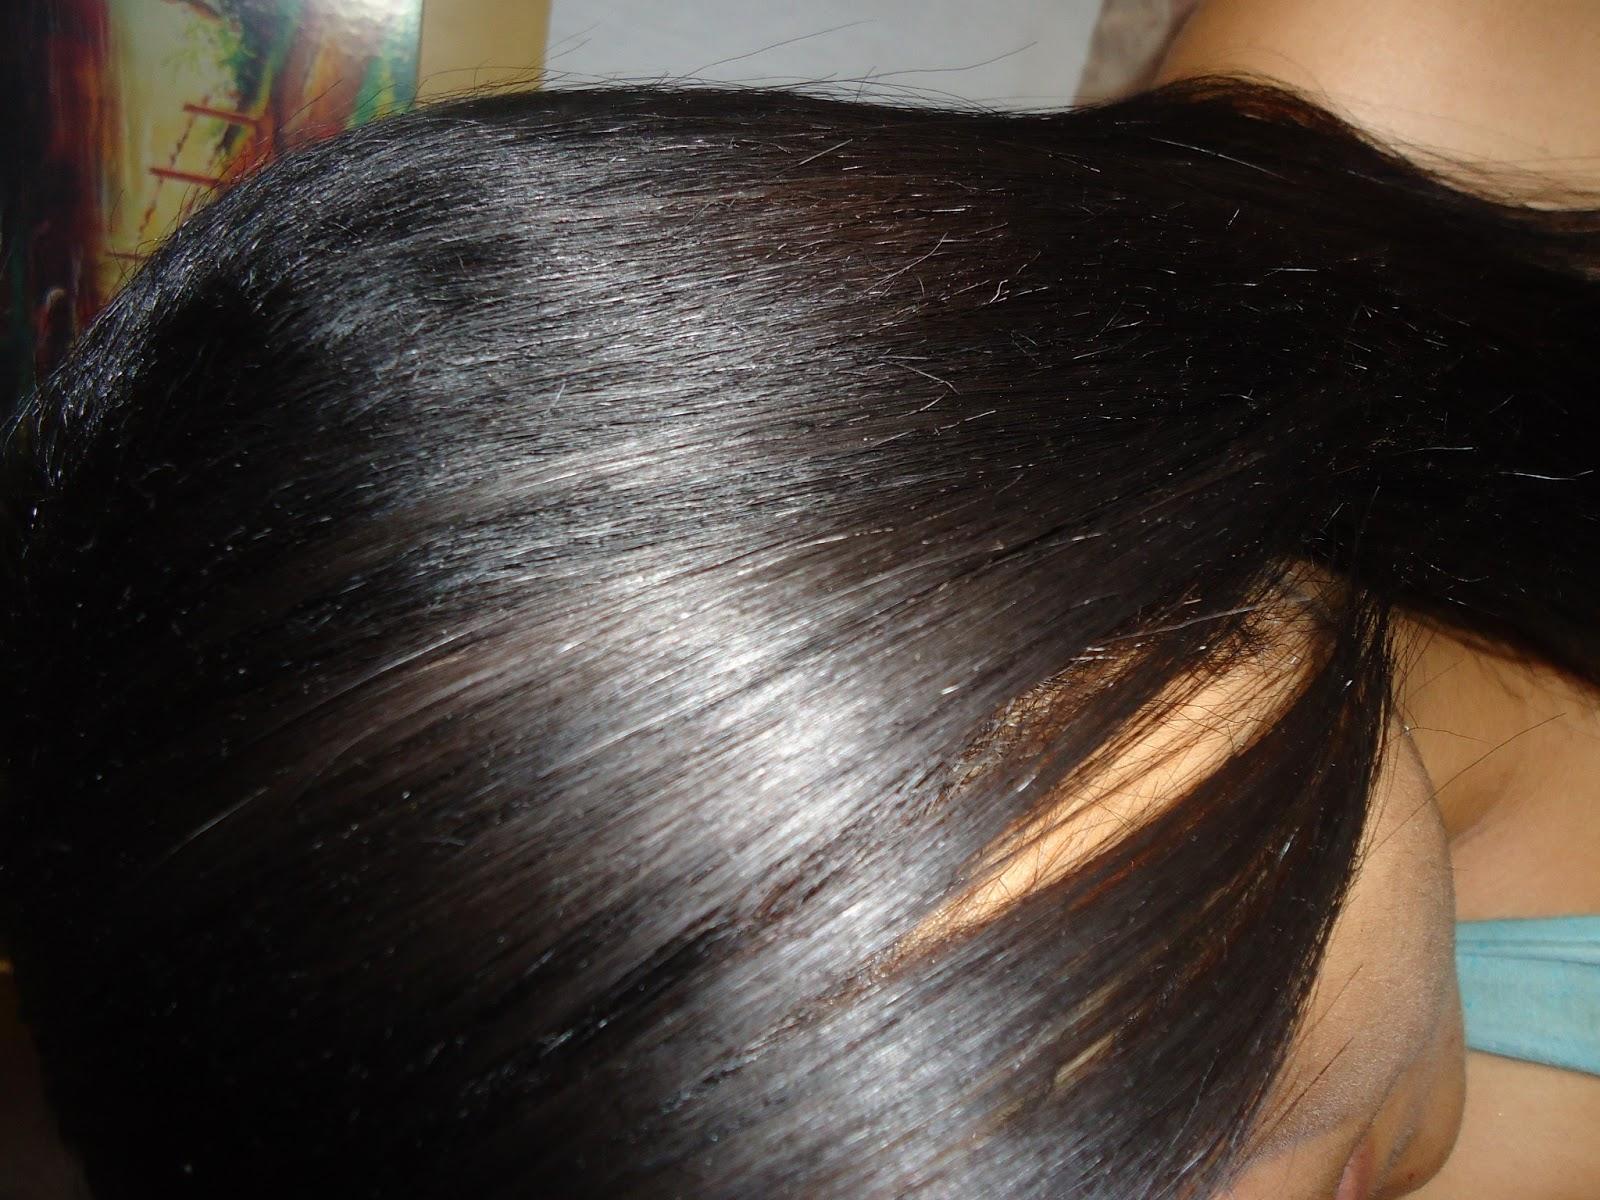 Pimentão de perda do cabelo vídeo